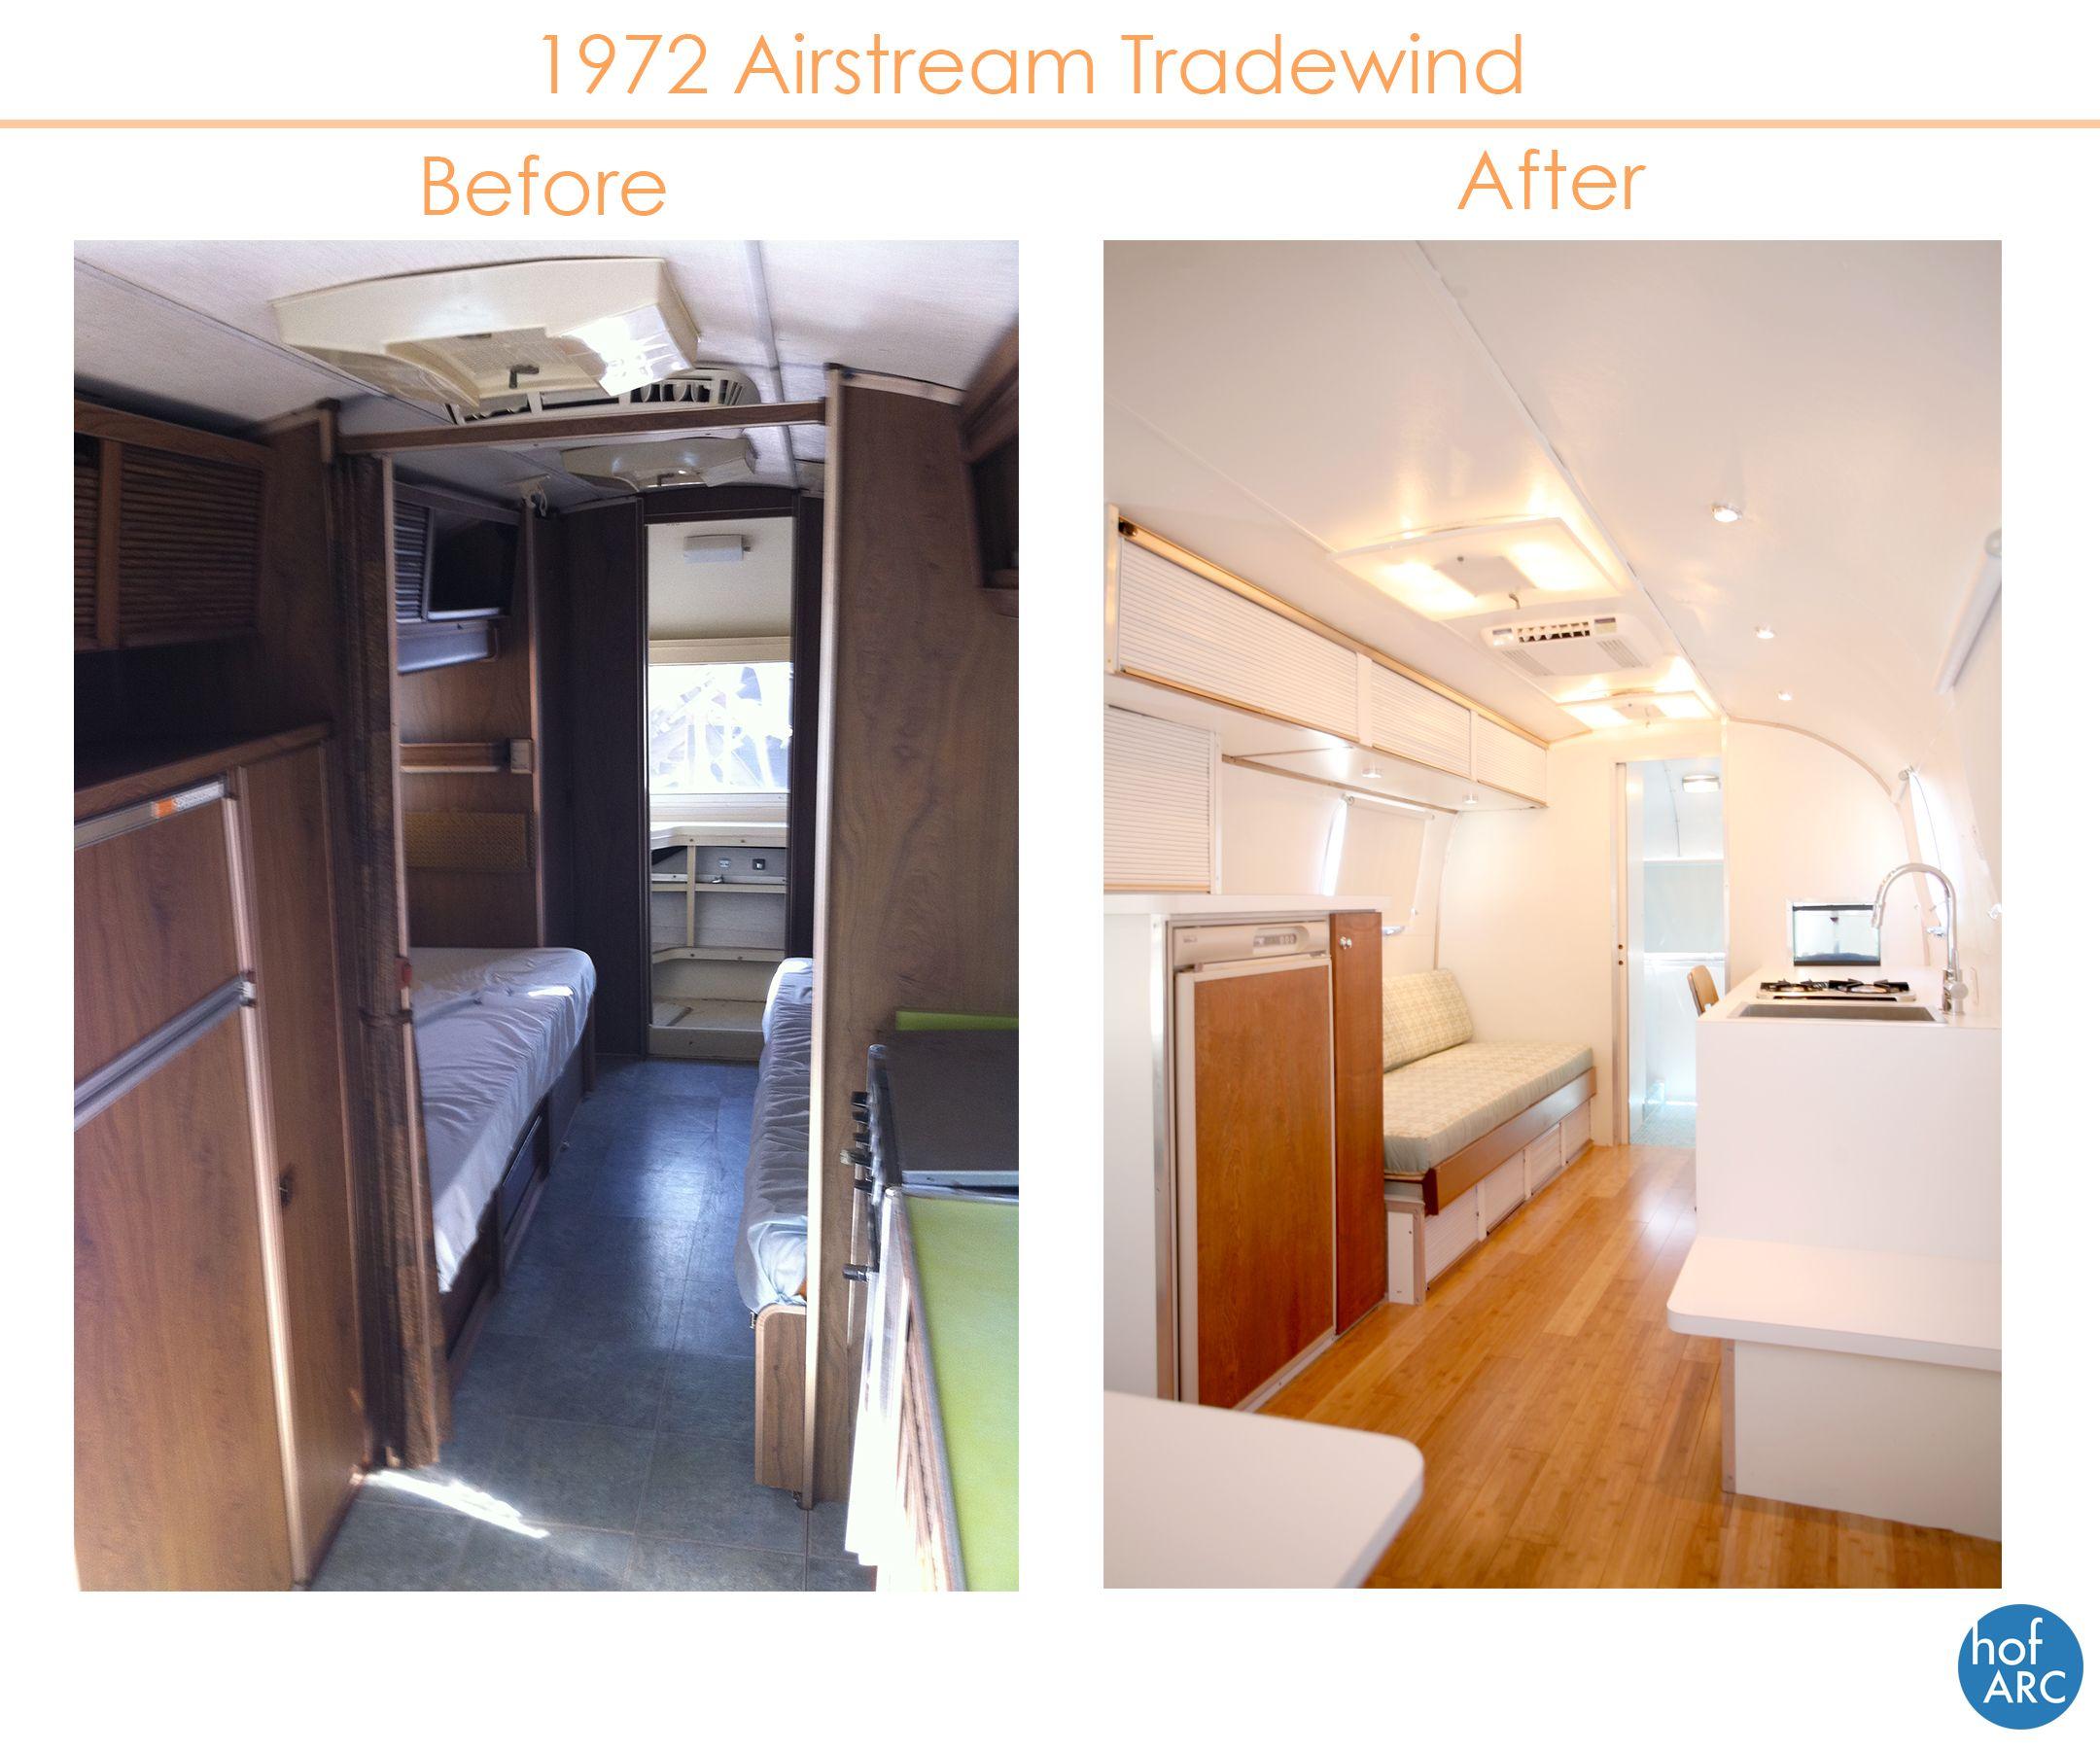 1972 Airstream Tradewind Affordable Interior Design Airstream Interior Airstream Renovation